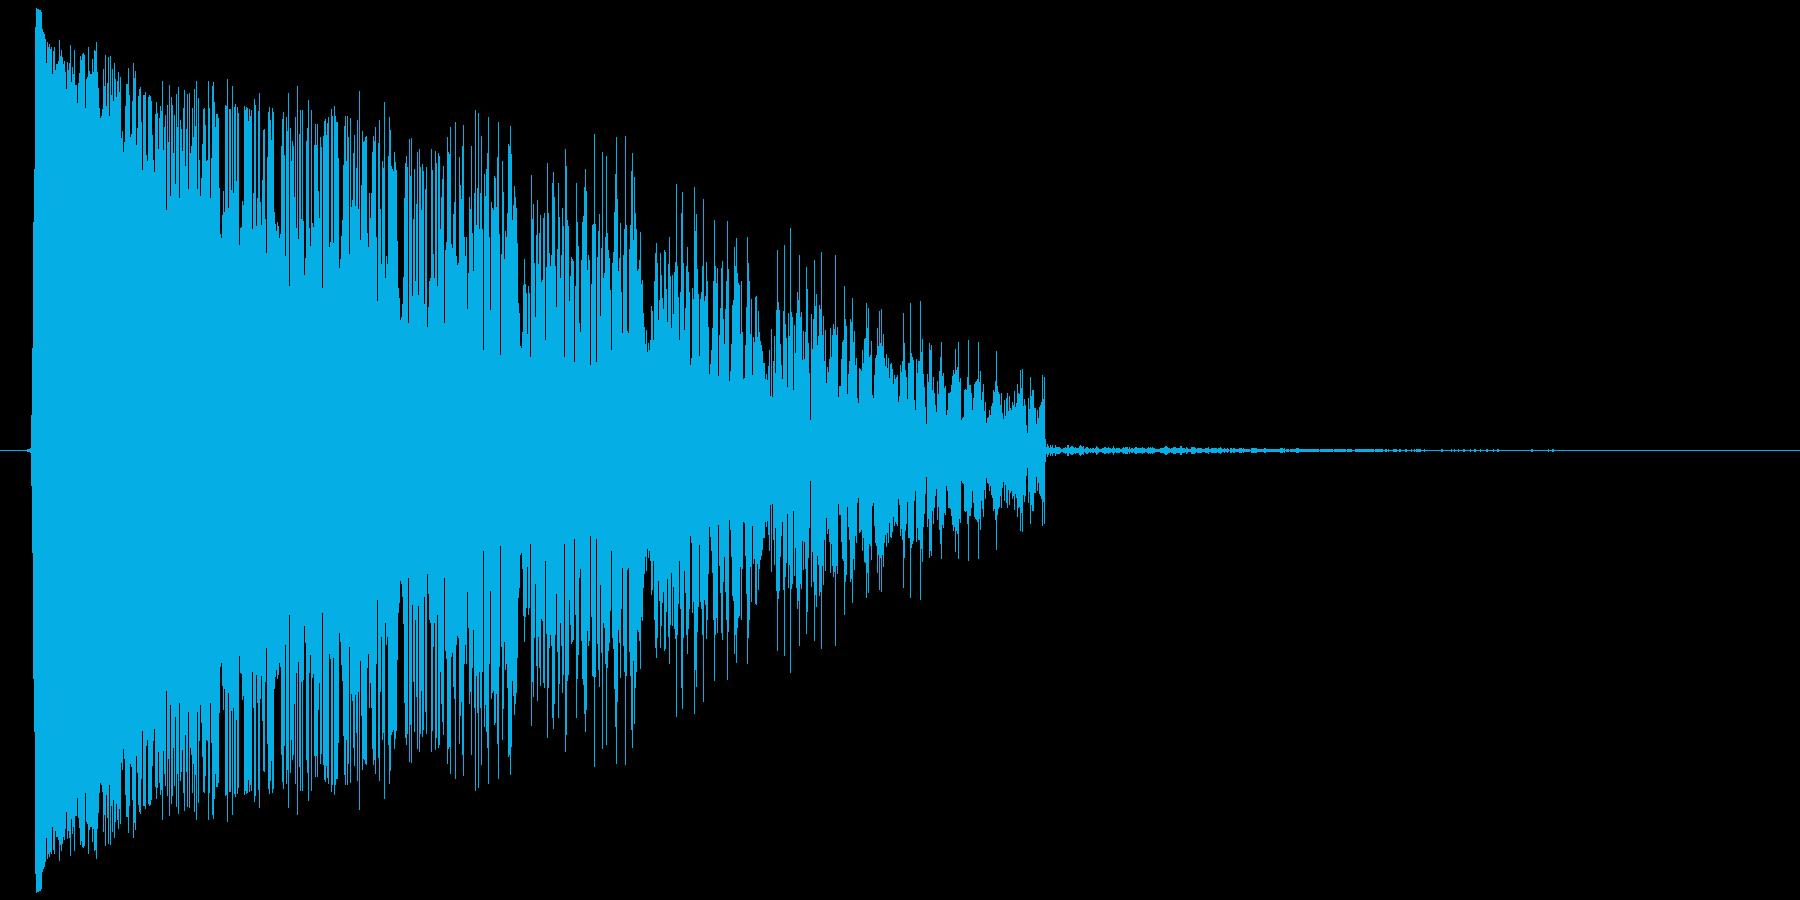 ケタケタケタ↓(笑い声、鳴き声、おばけ)の再生済みの波形